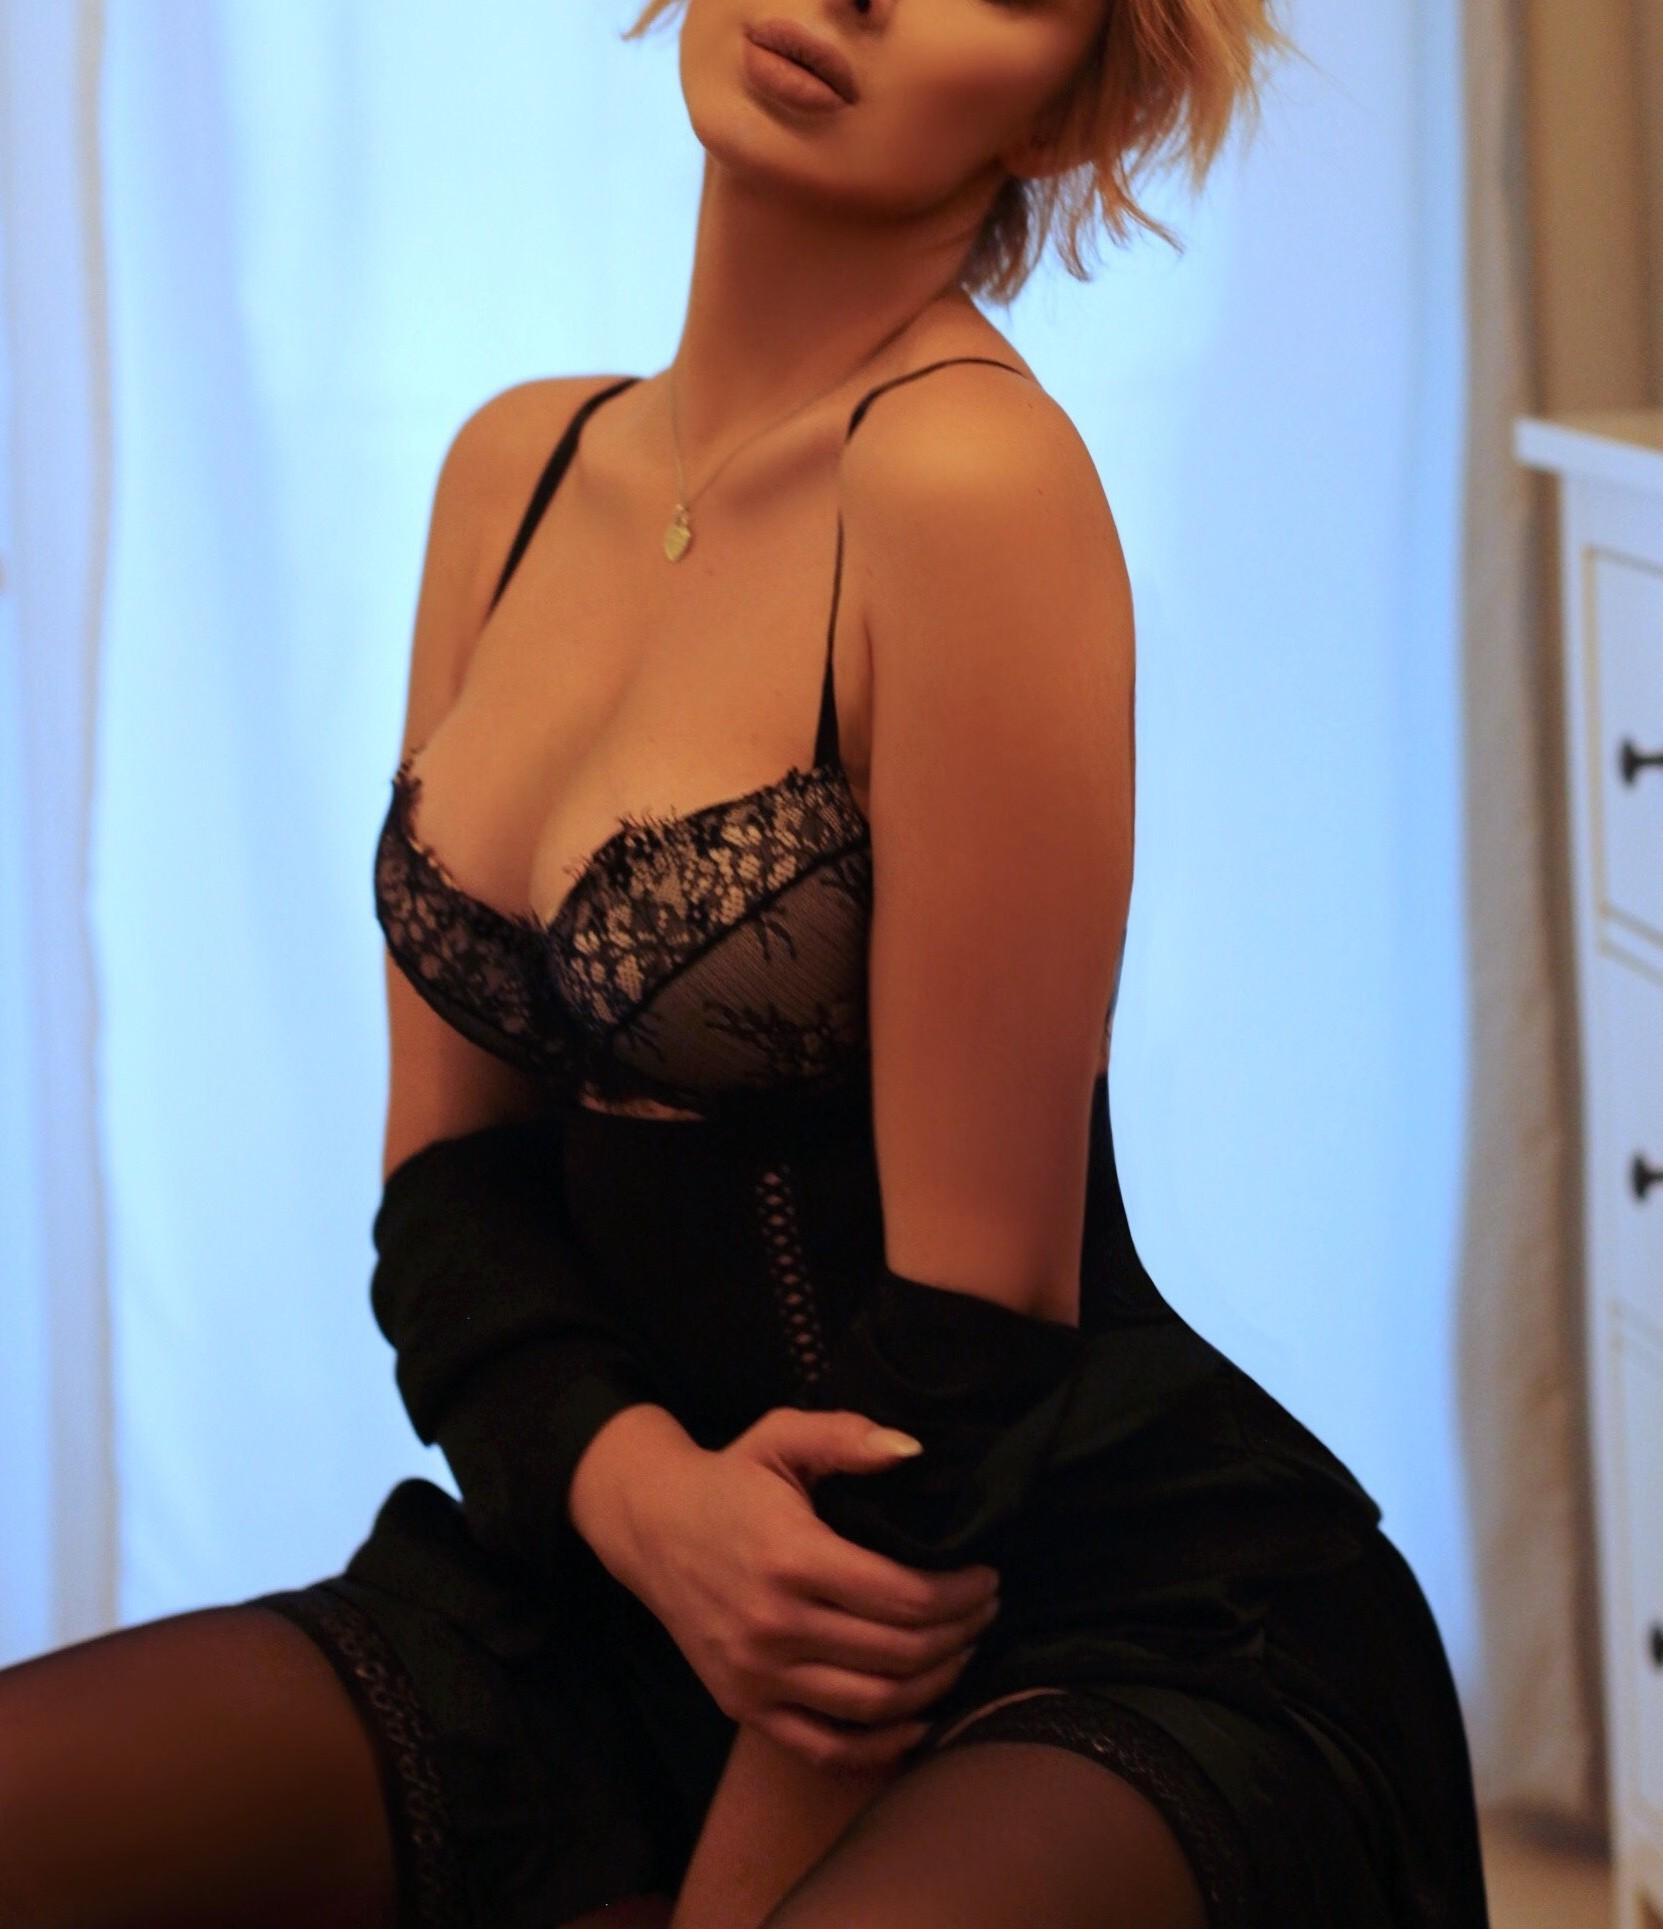 passion luxus escort seitensprung argentur